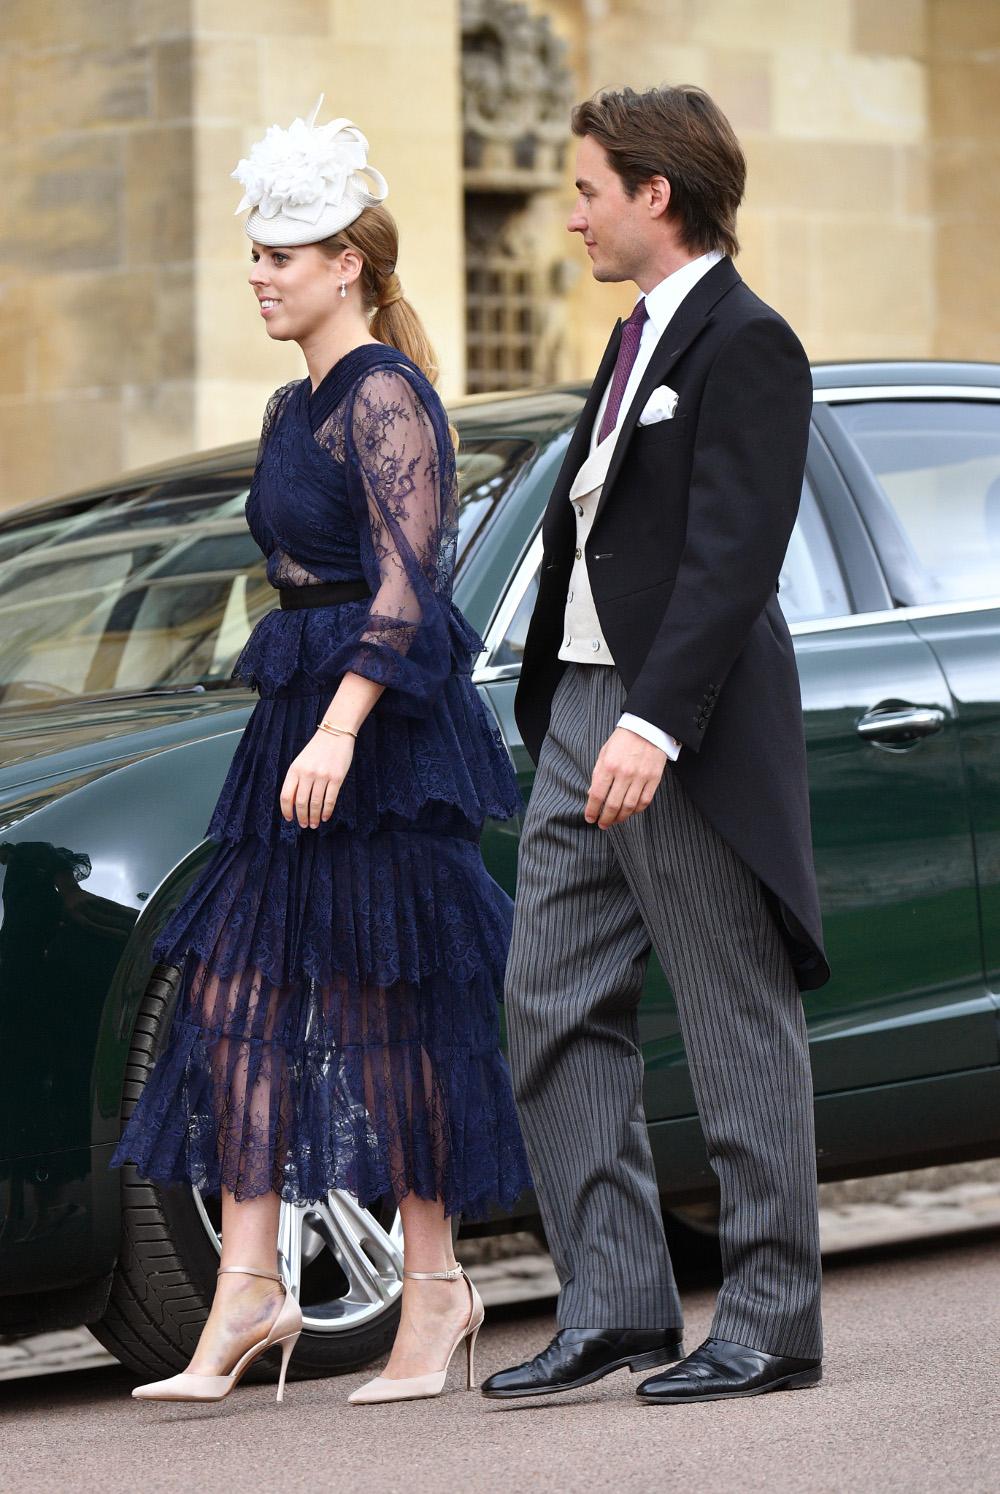 Η σχέση της πριγκίπισσας Βεατρίκης με τον Ιταλό εκατομμυριούχο είναι σοβαρή, με το ζευγάρι να εμφανίζεται ακόμη και σε βασιλικούς γάμους